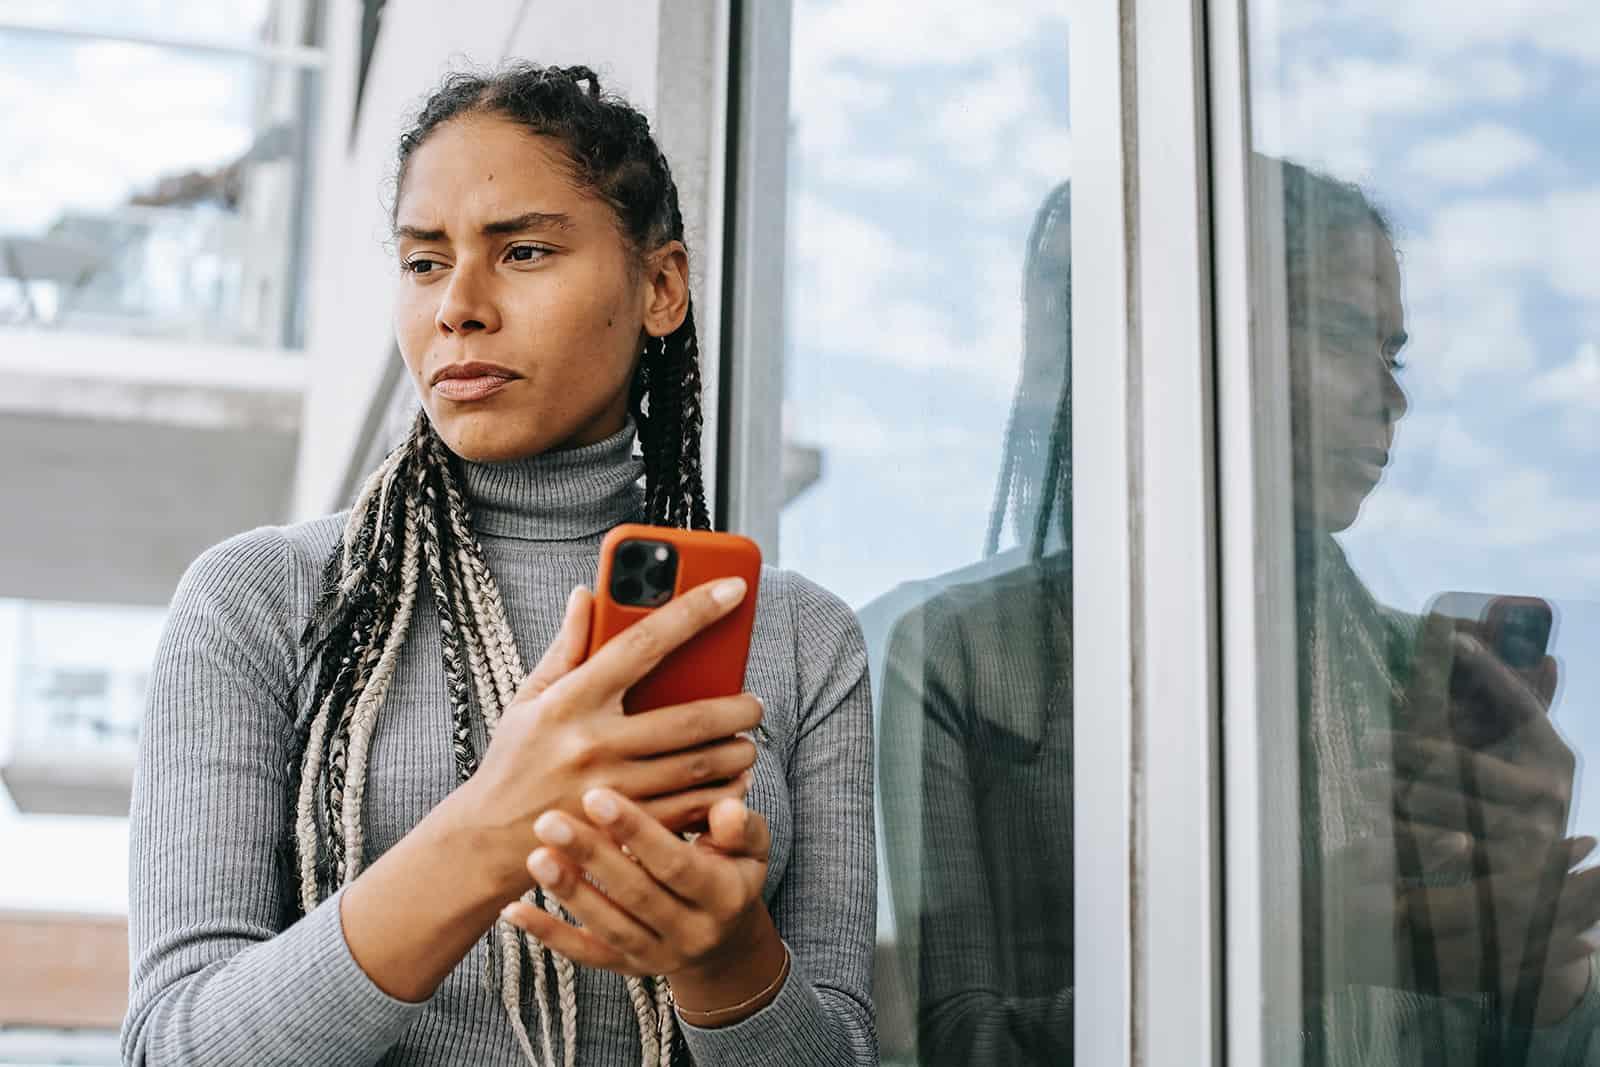 Une femme pensive tenant un smartphone en se tenant debout sur le balcon